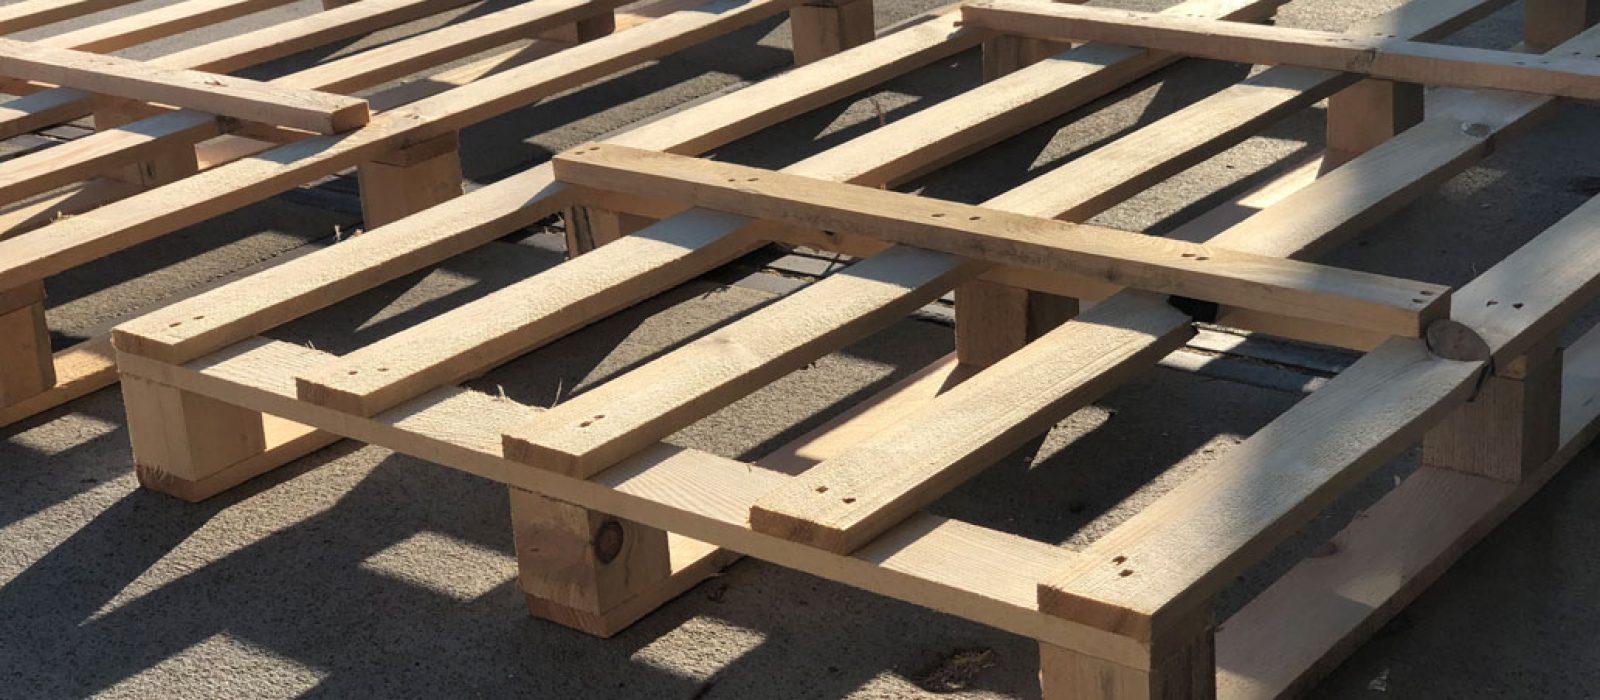 Holzpalette-1600×800-5-Deck-Wipperfürth-LOGPOL